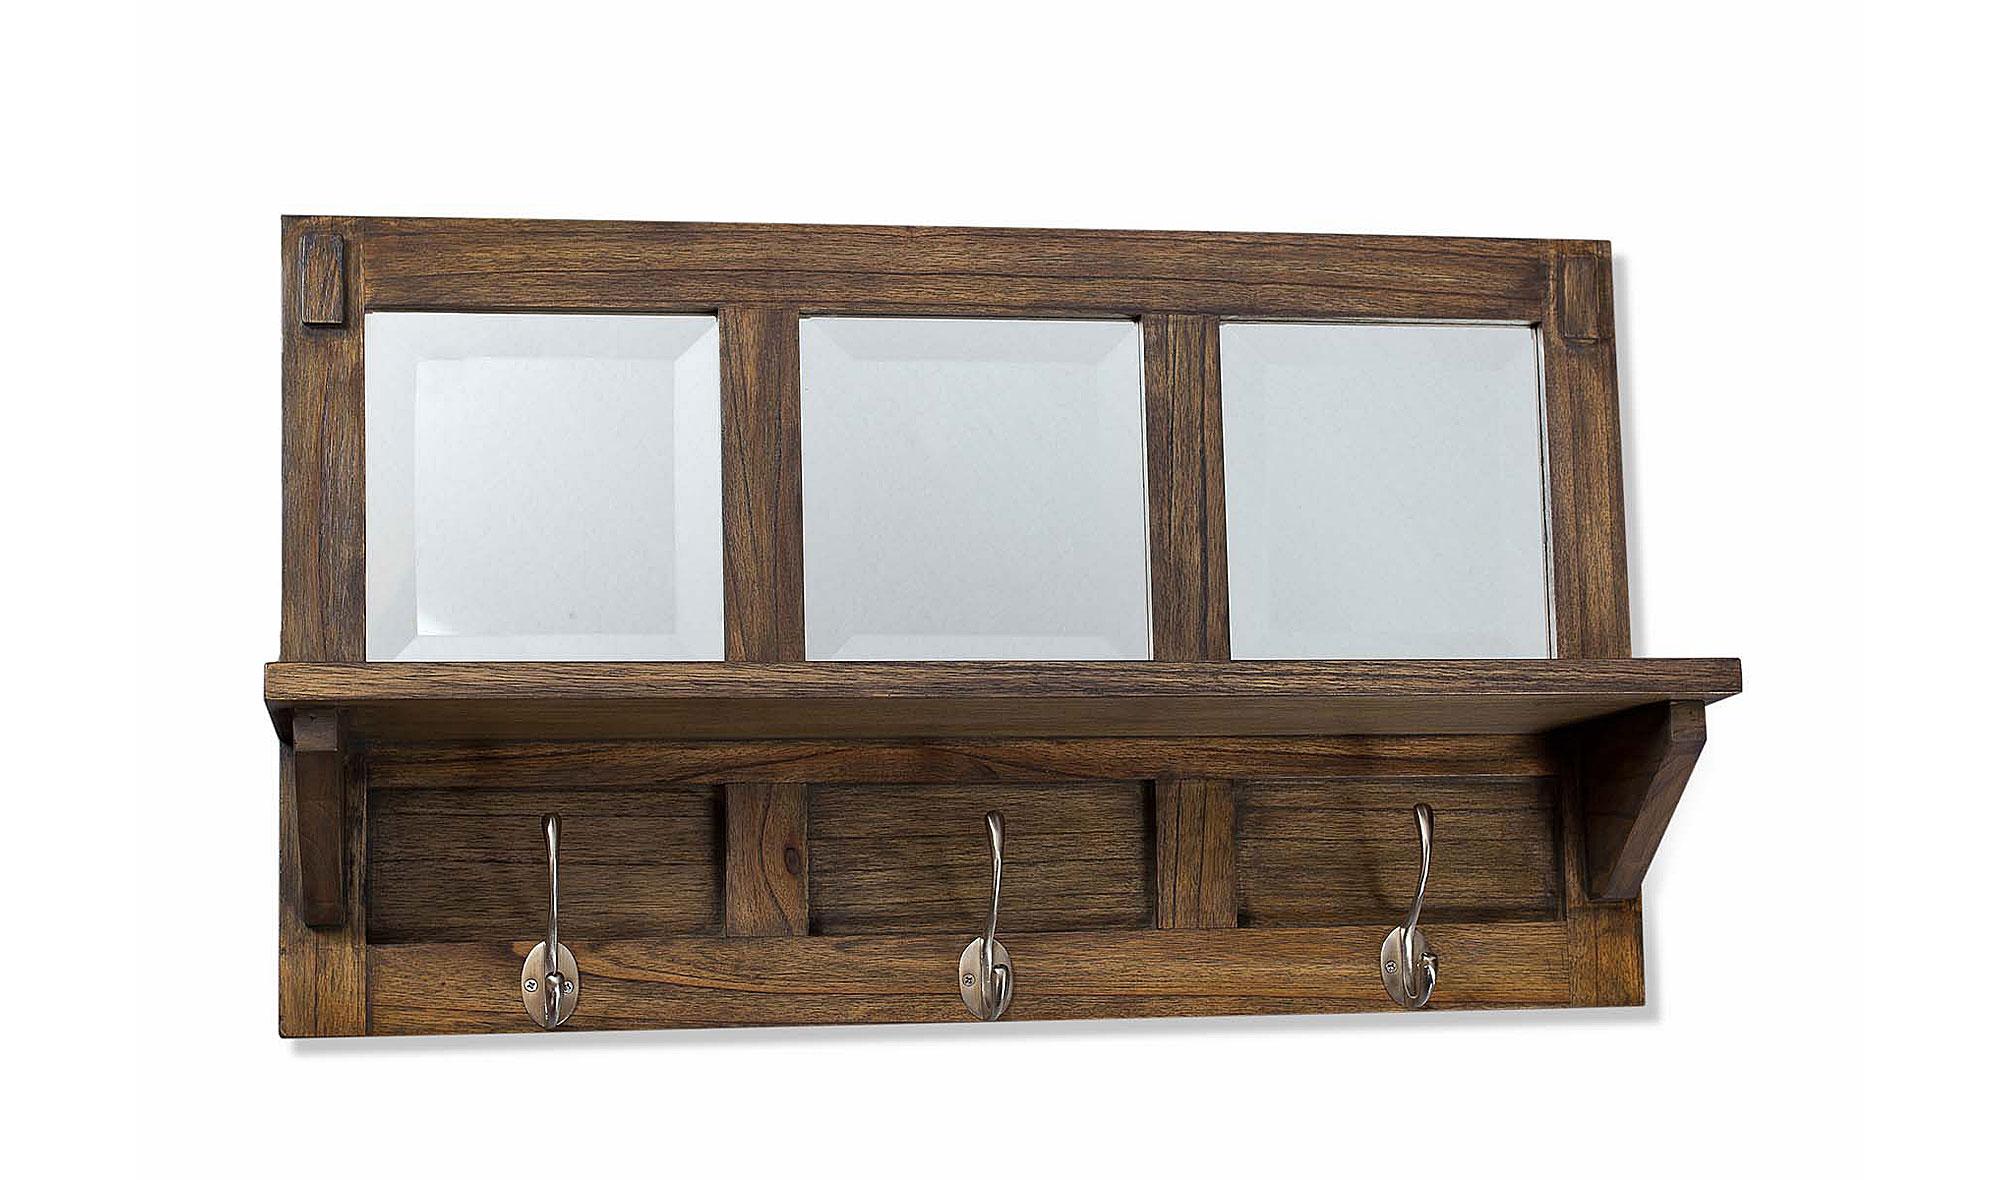 Perchero con espejos cl sico saissac no disponible en for Percheros de pared adhesivos